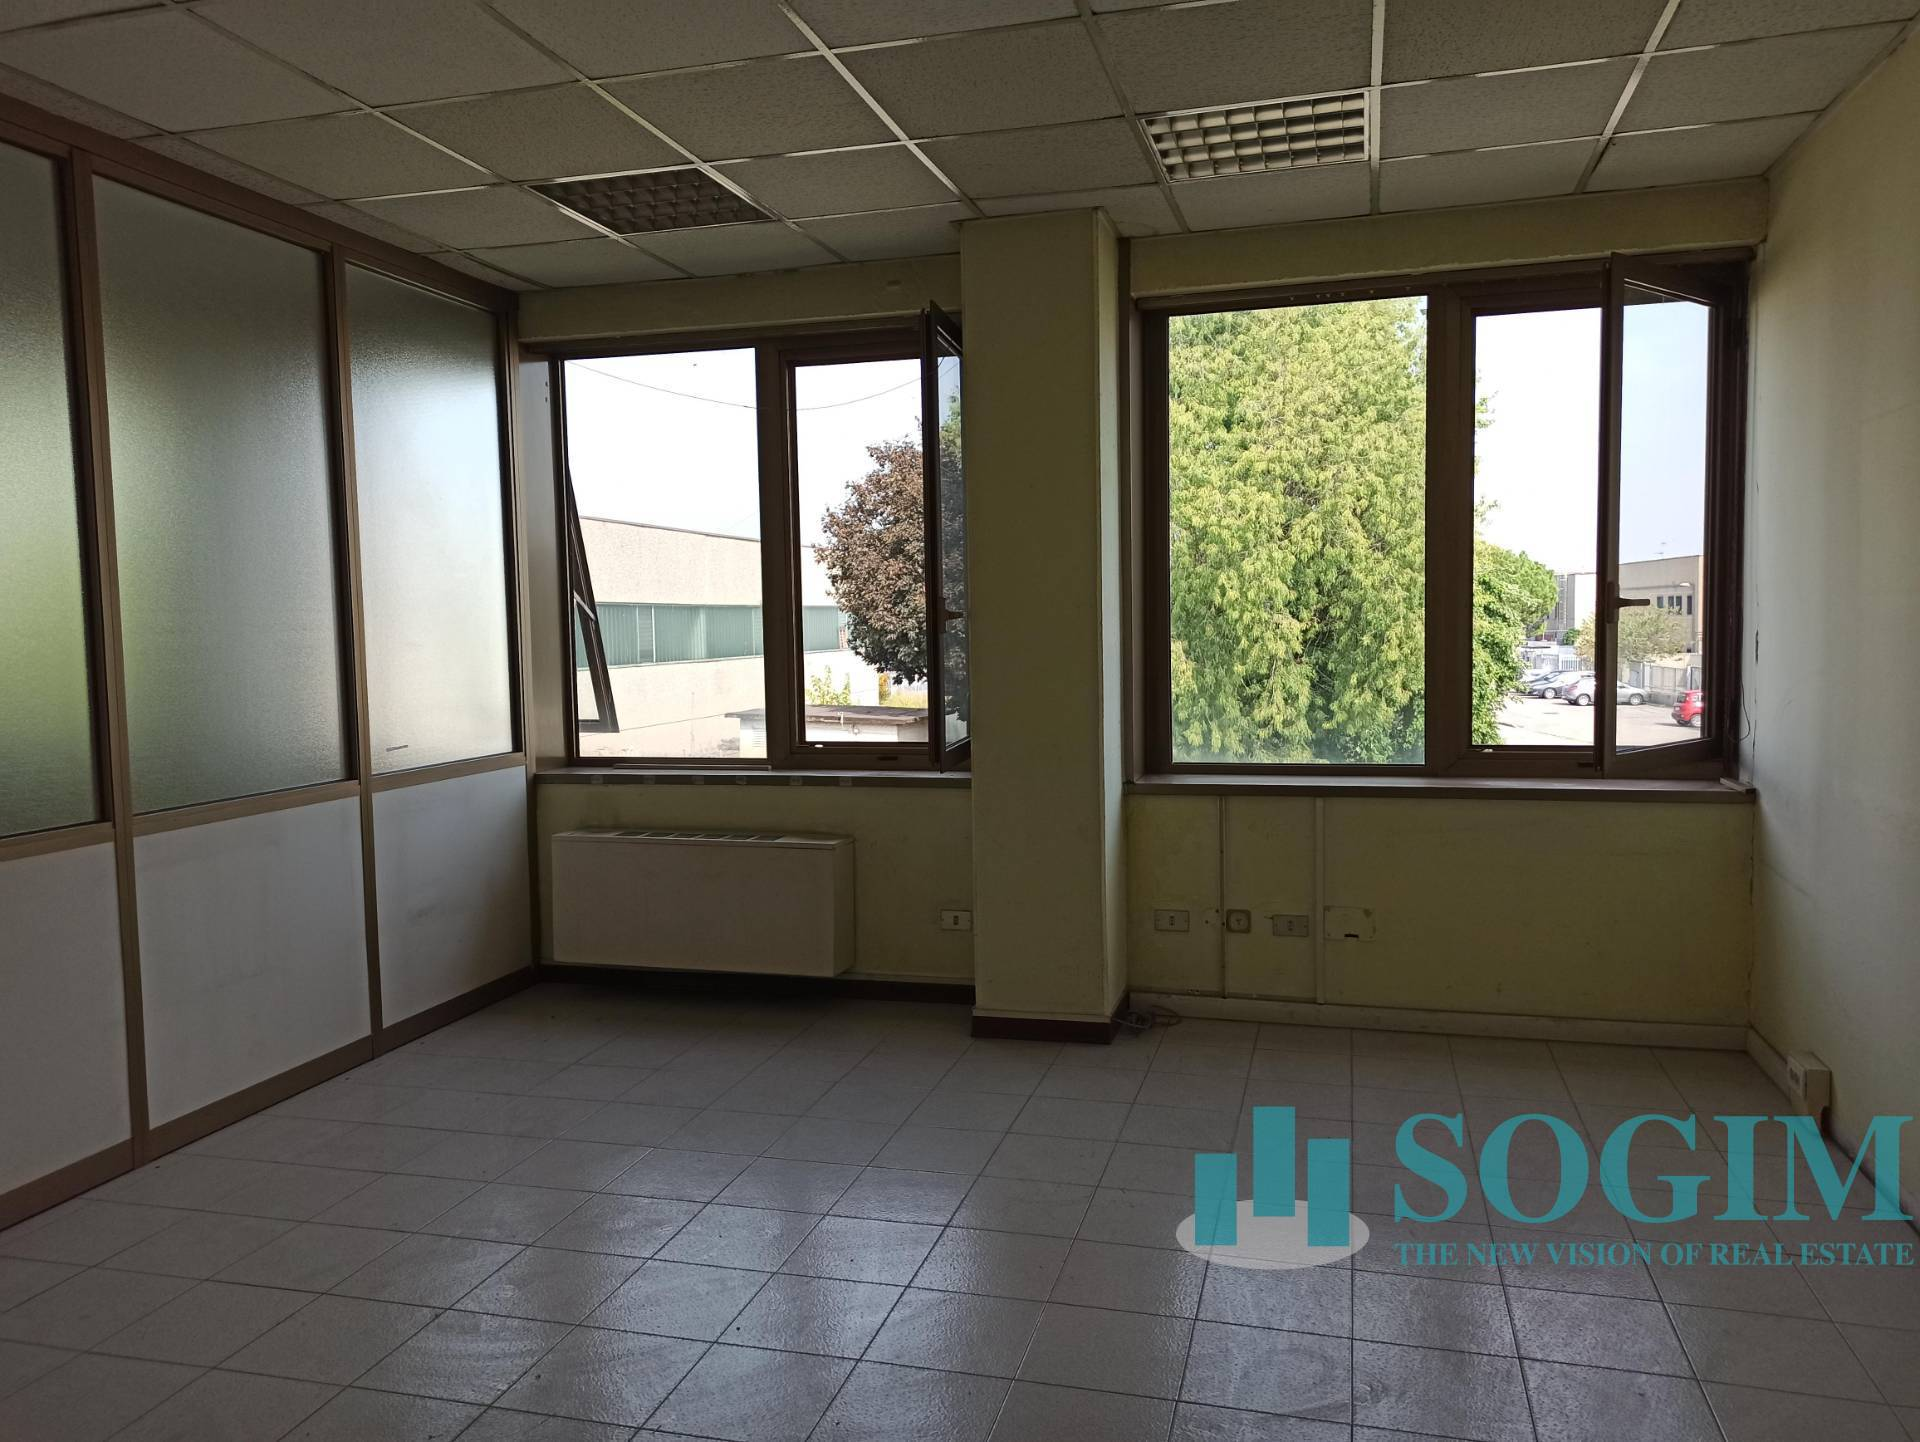 Ufficio in Affitto a Colturano  rif. 20637